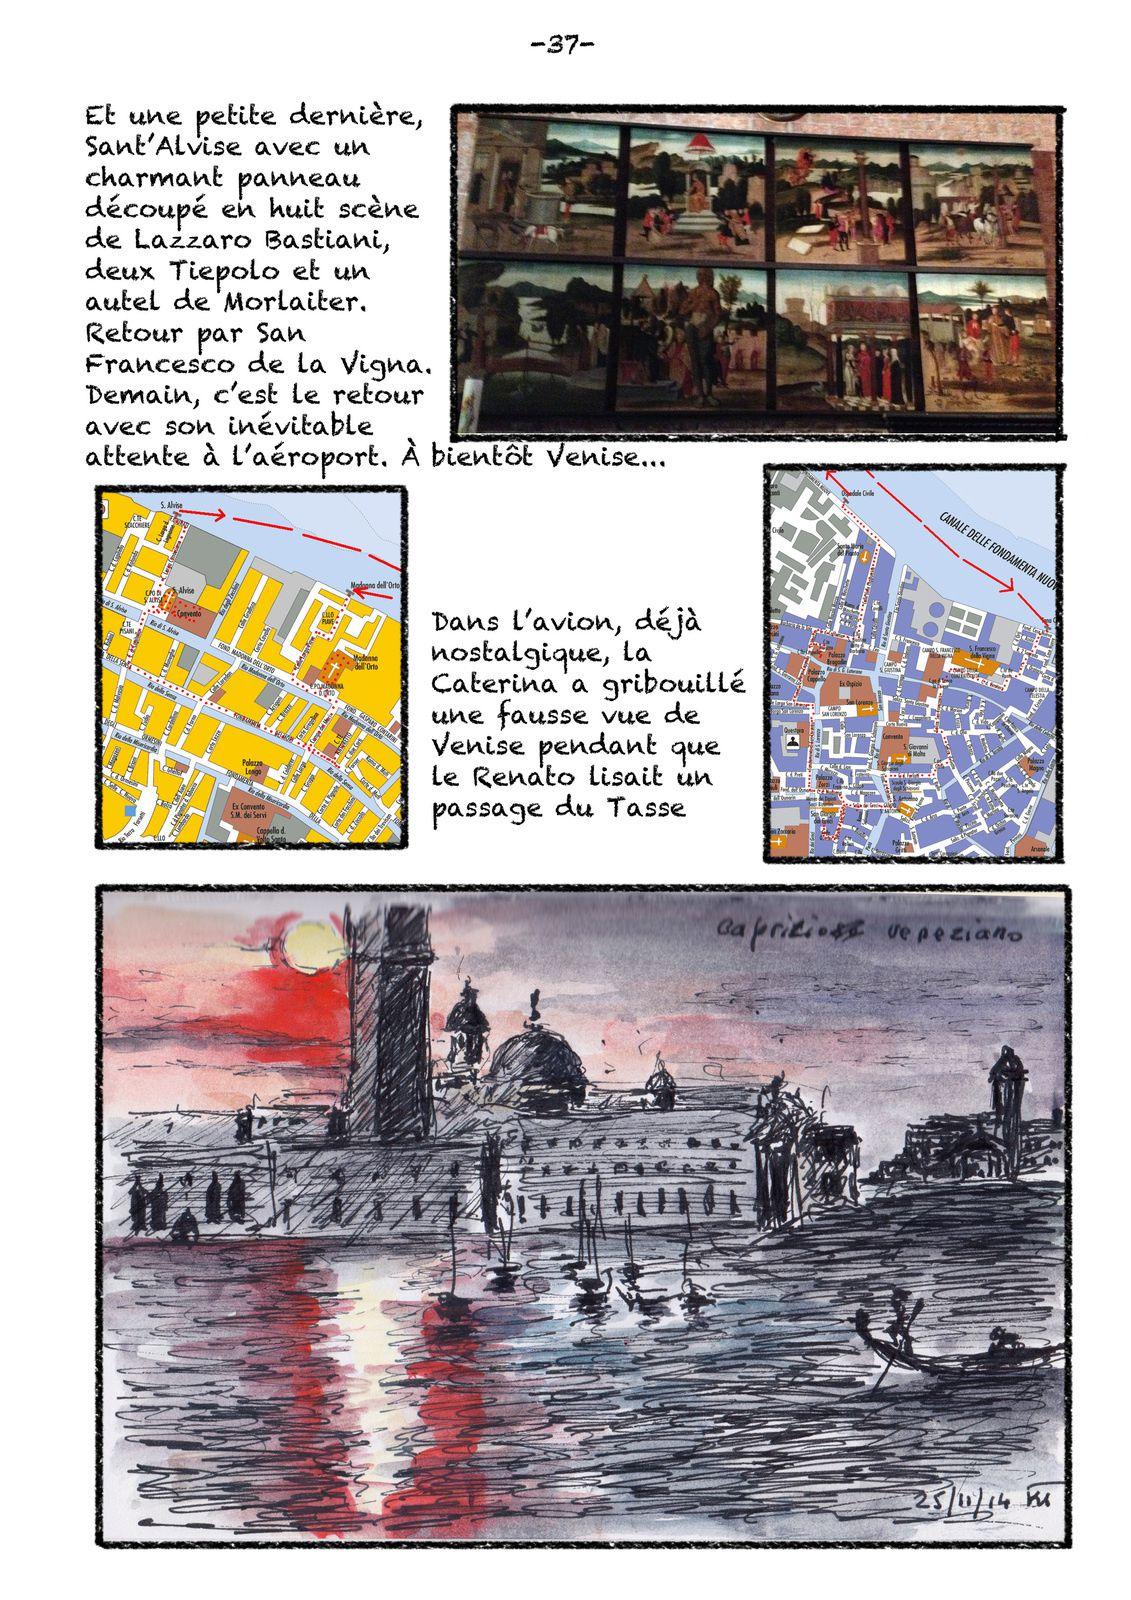 Venise 24 novembre et retour